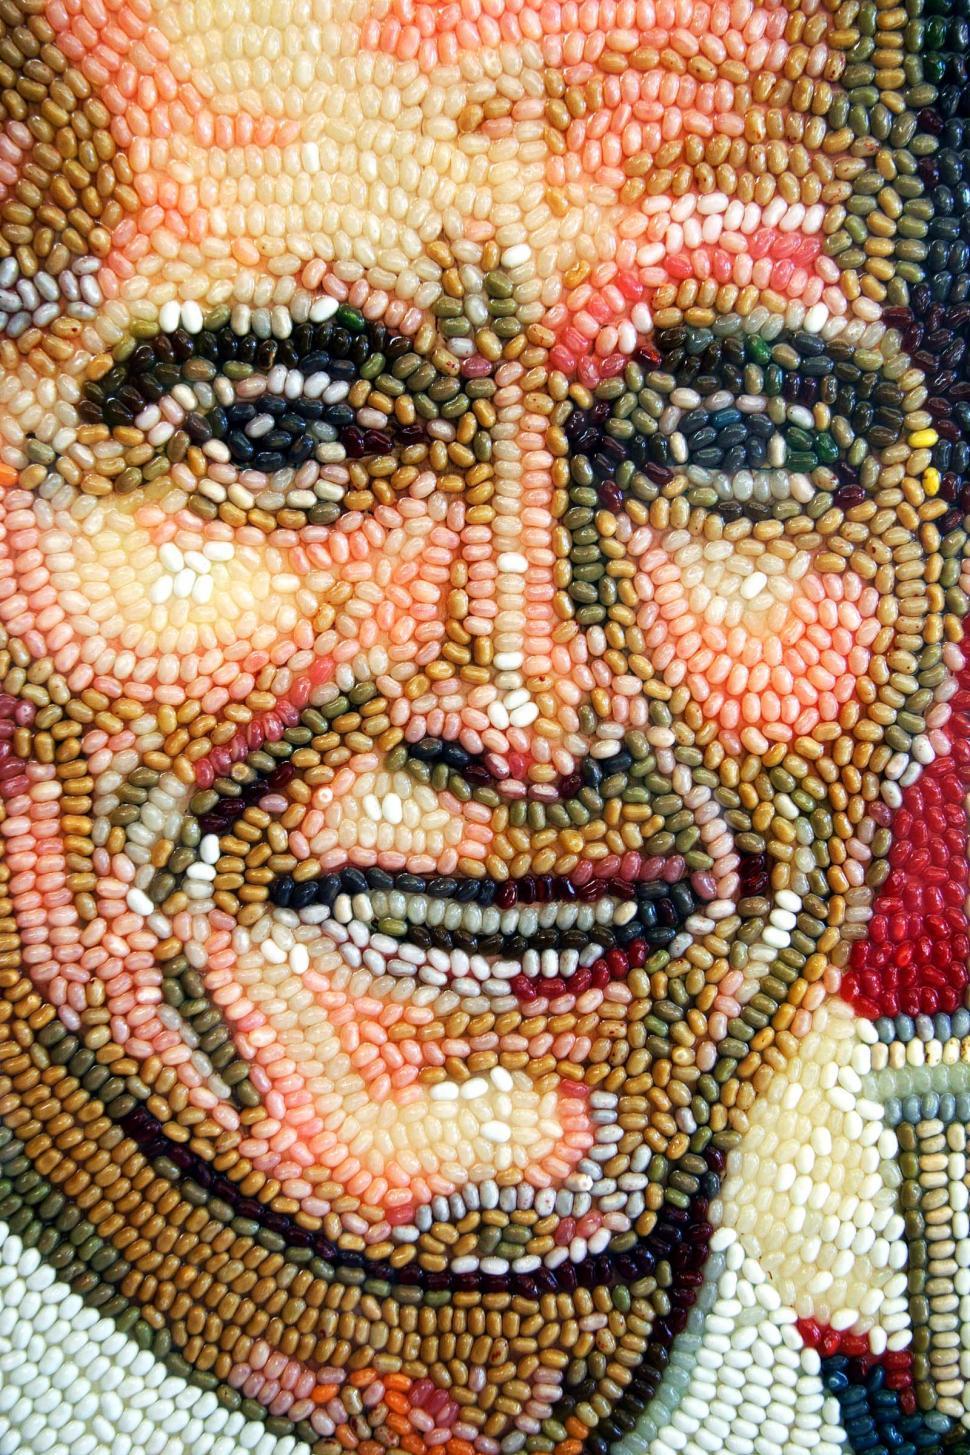 Download Free Stock HD Photo of Jelly Bean Schwarzenegger Online